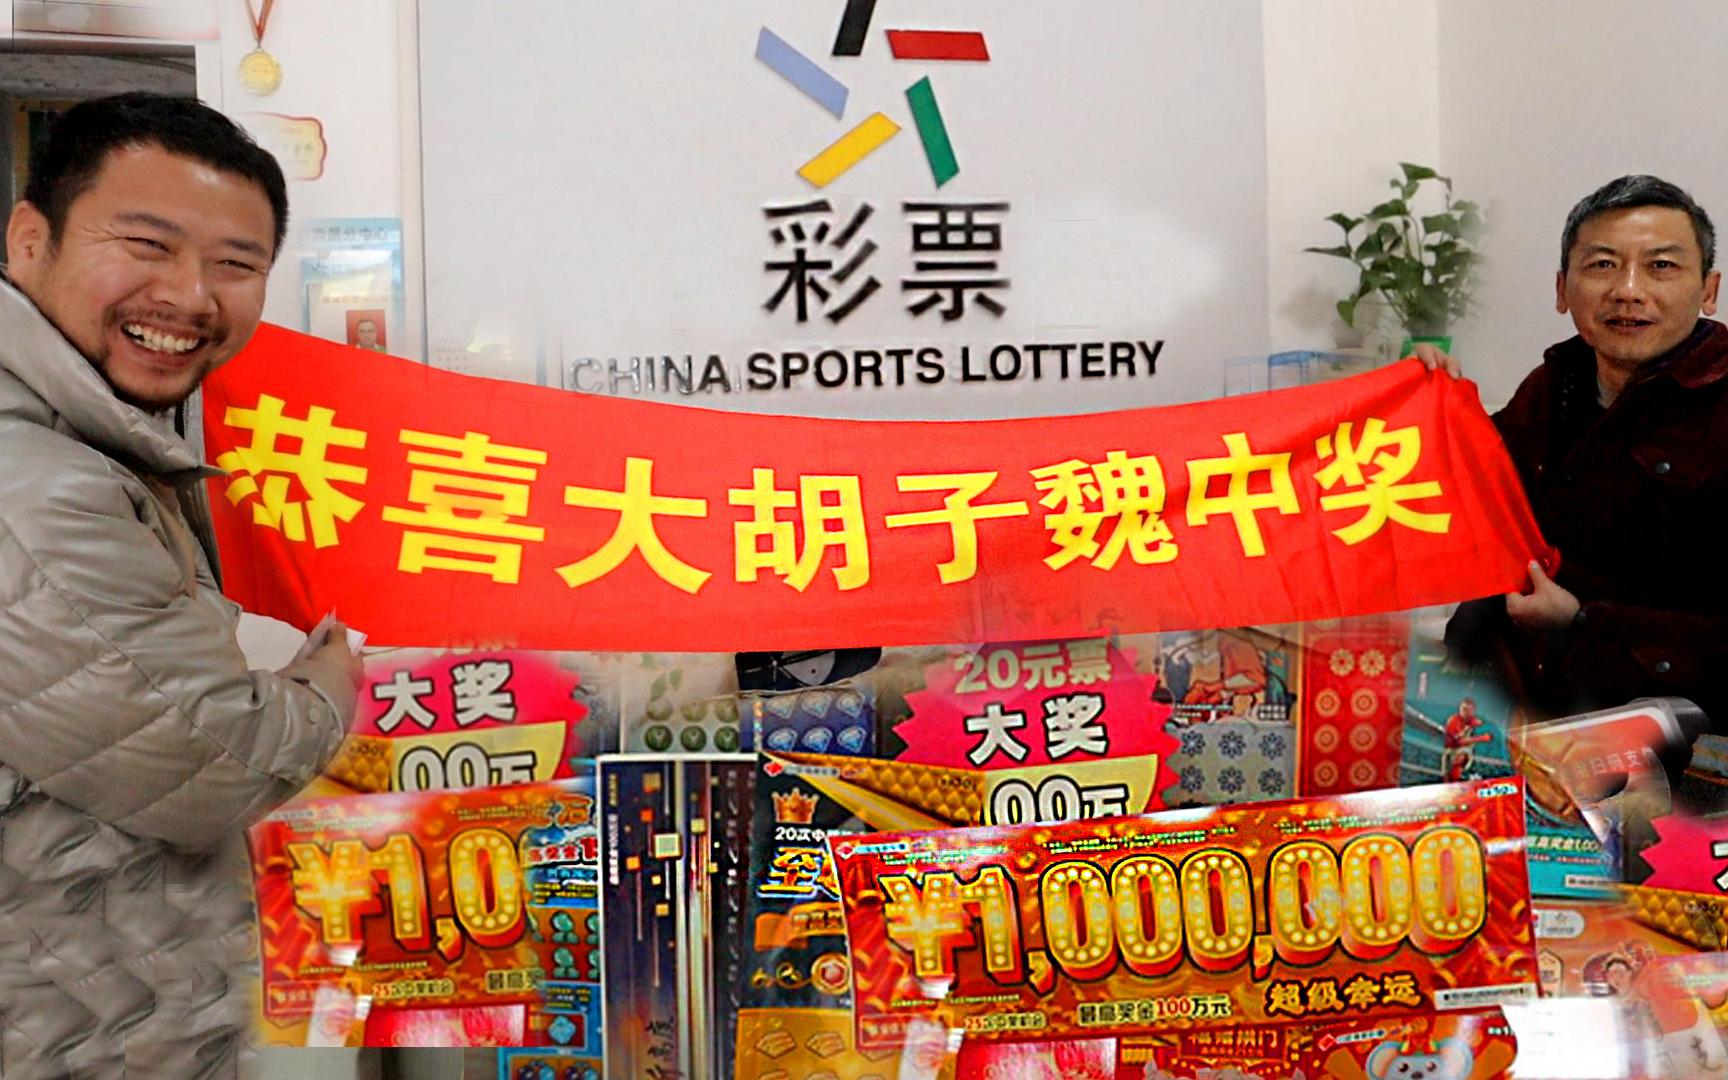 花10000块钱买彩票,五千双色球五千大乐透,哪个亏的多?